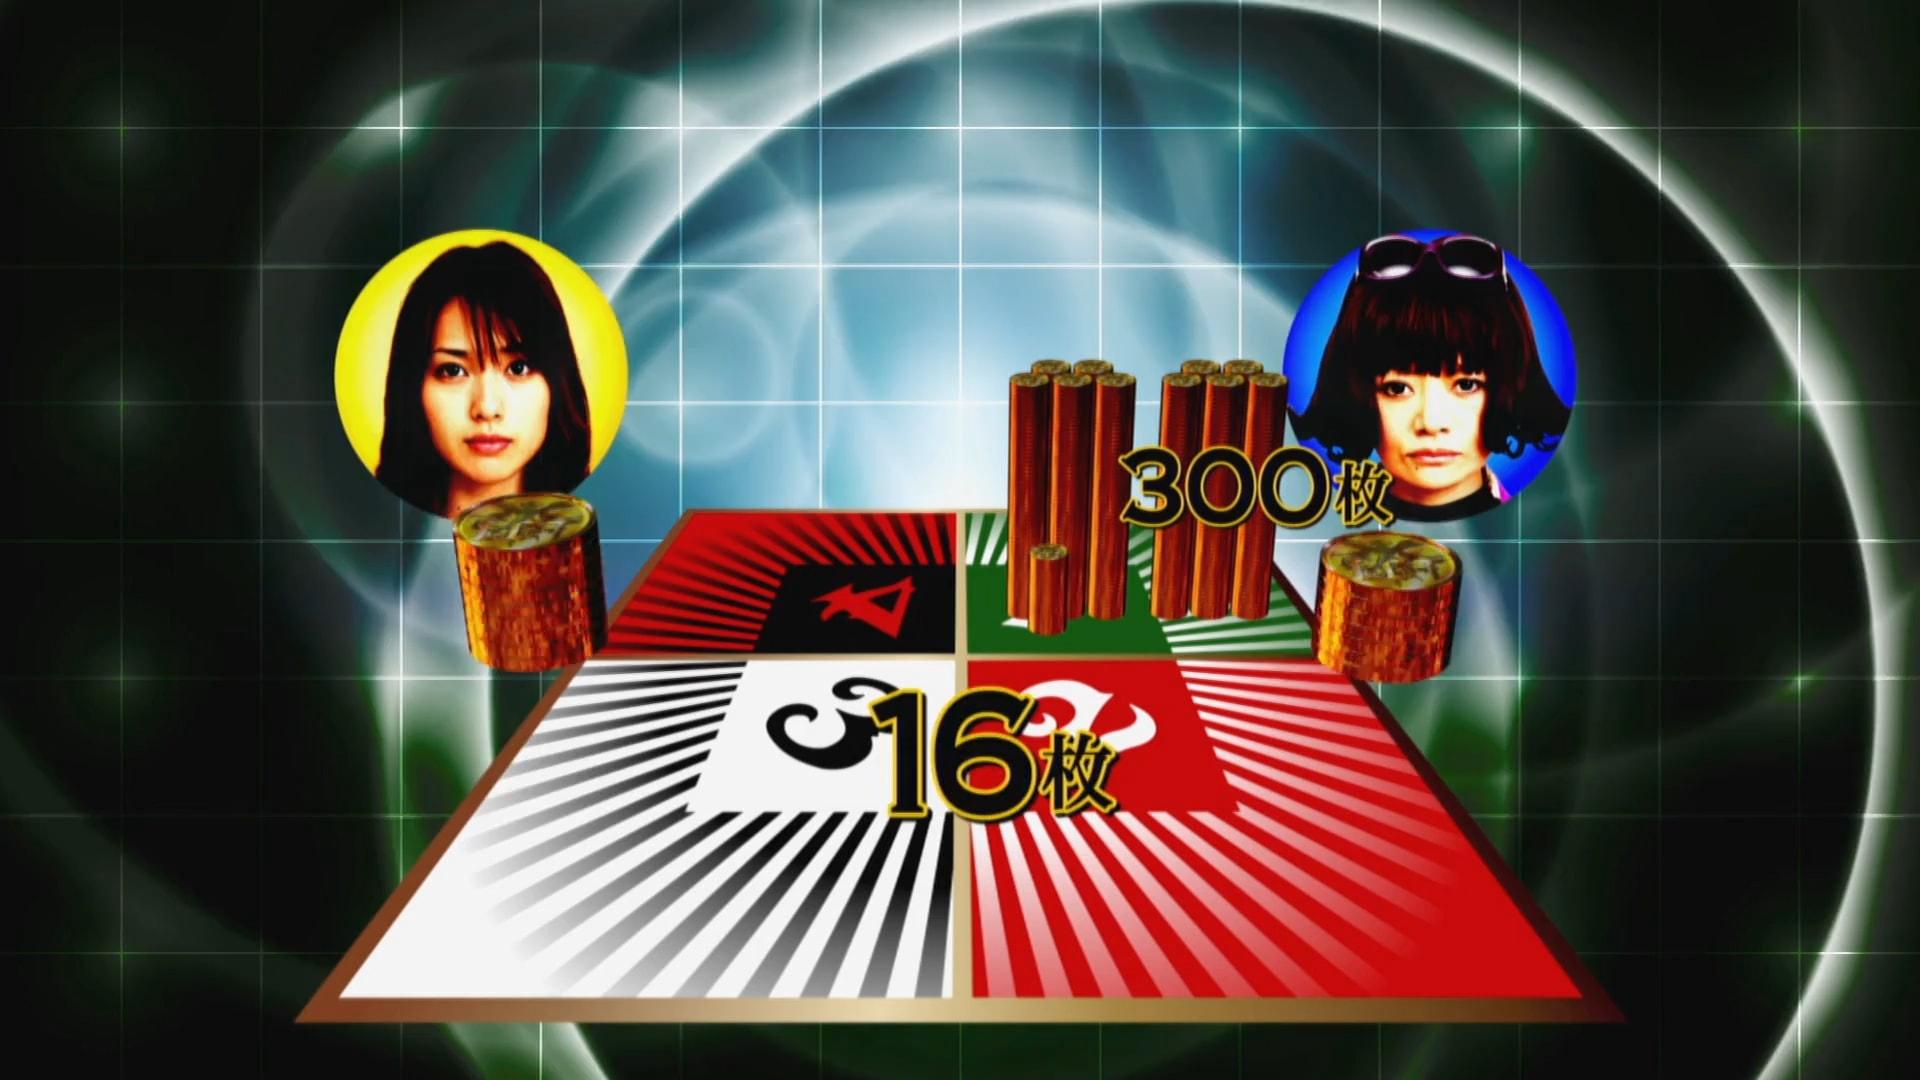 Liar Game 2 2009 # 4